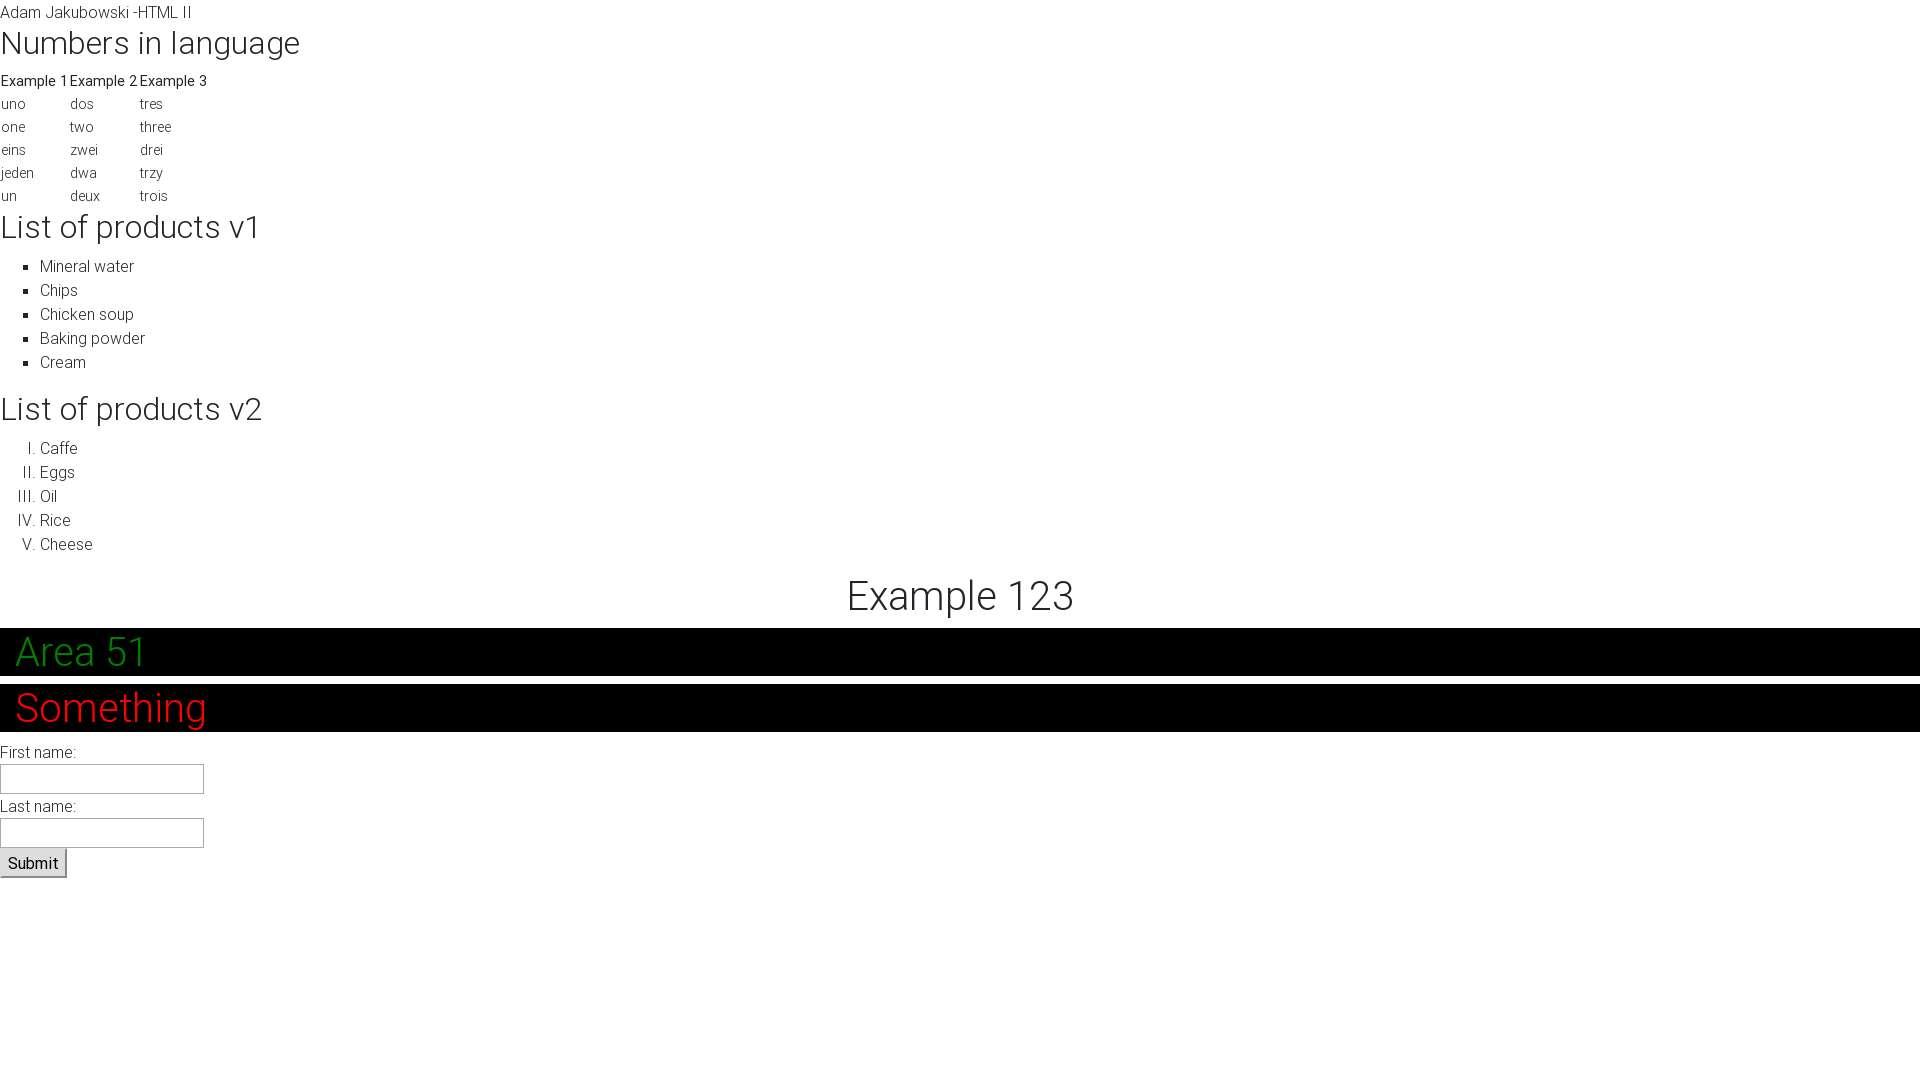 Adam Jakubowski-HTML Chapter II